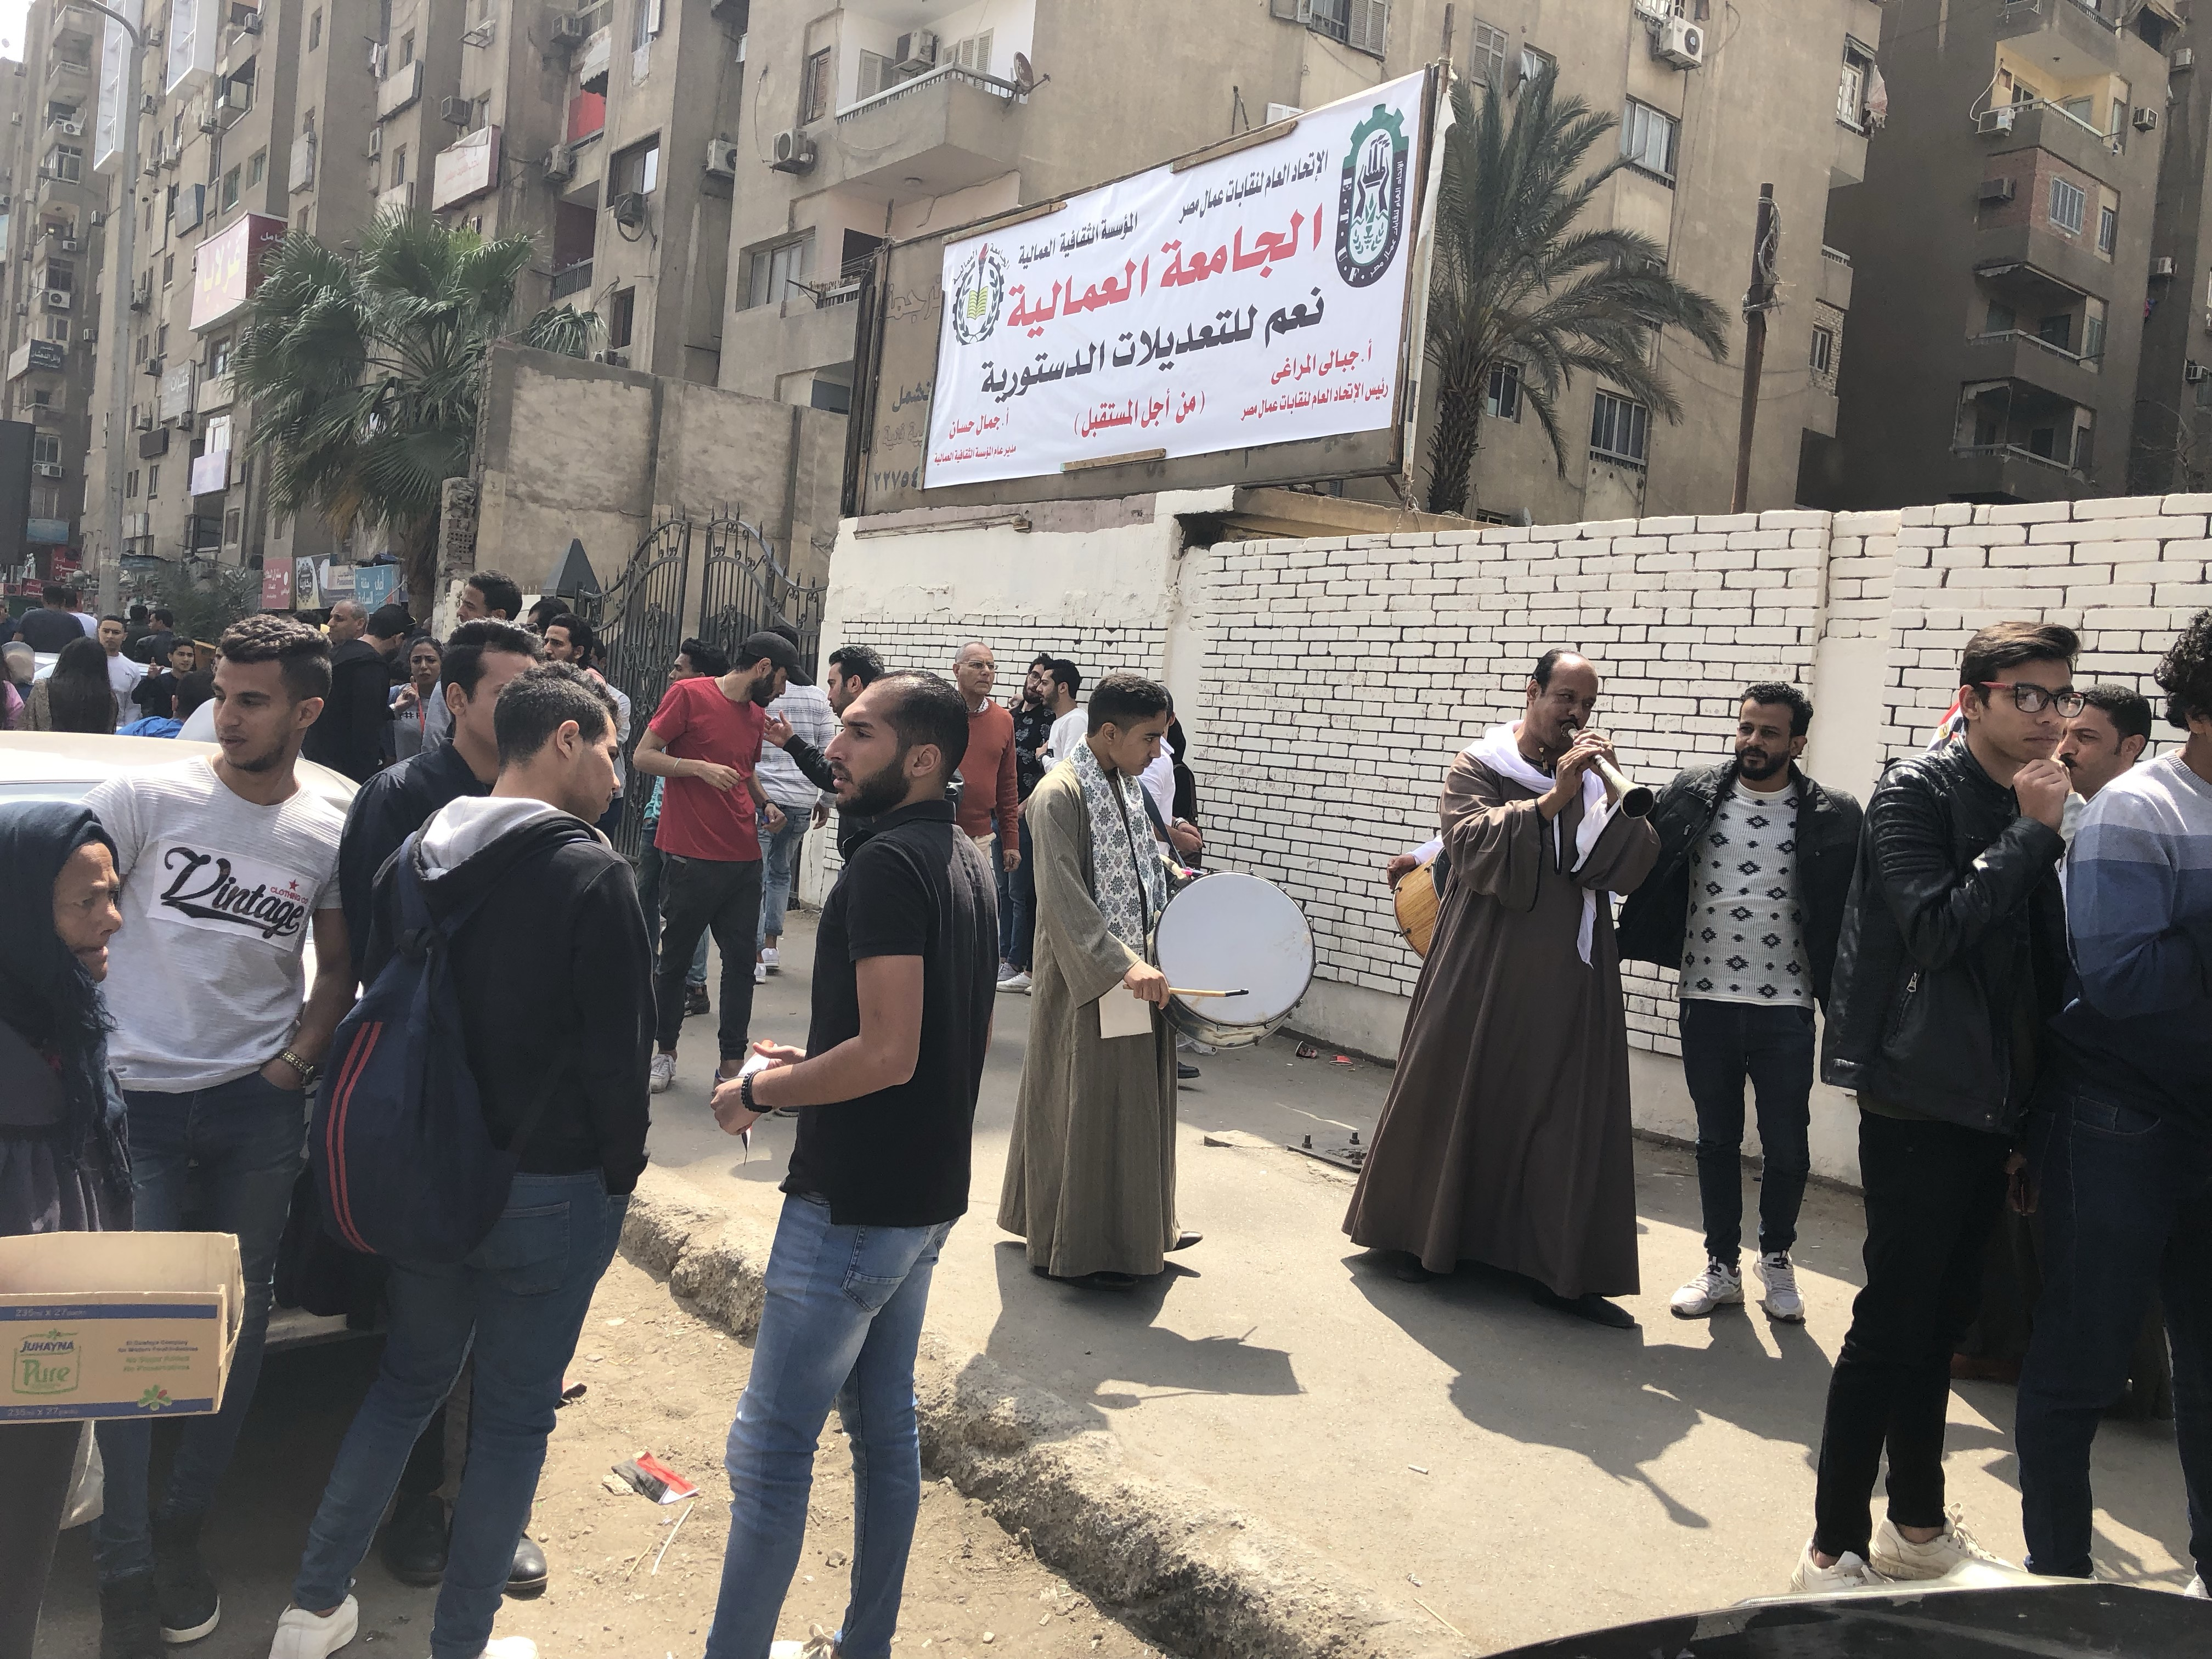 ناخبون يستعينون بالمزمار البلدى للحث على المشاركة فى التعديلات بمدينة نصر  (3)